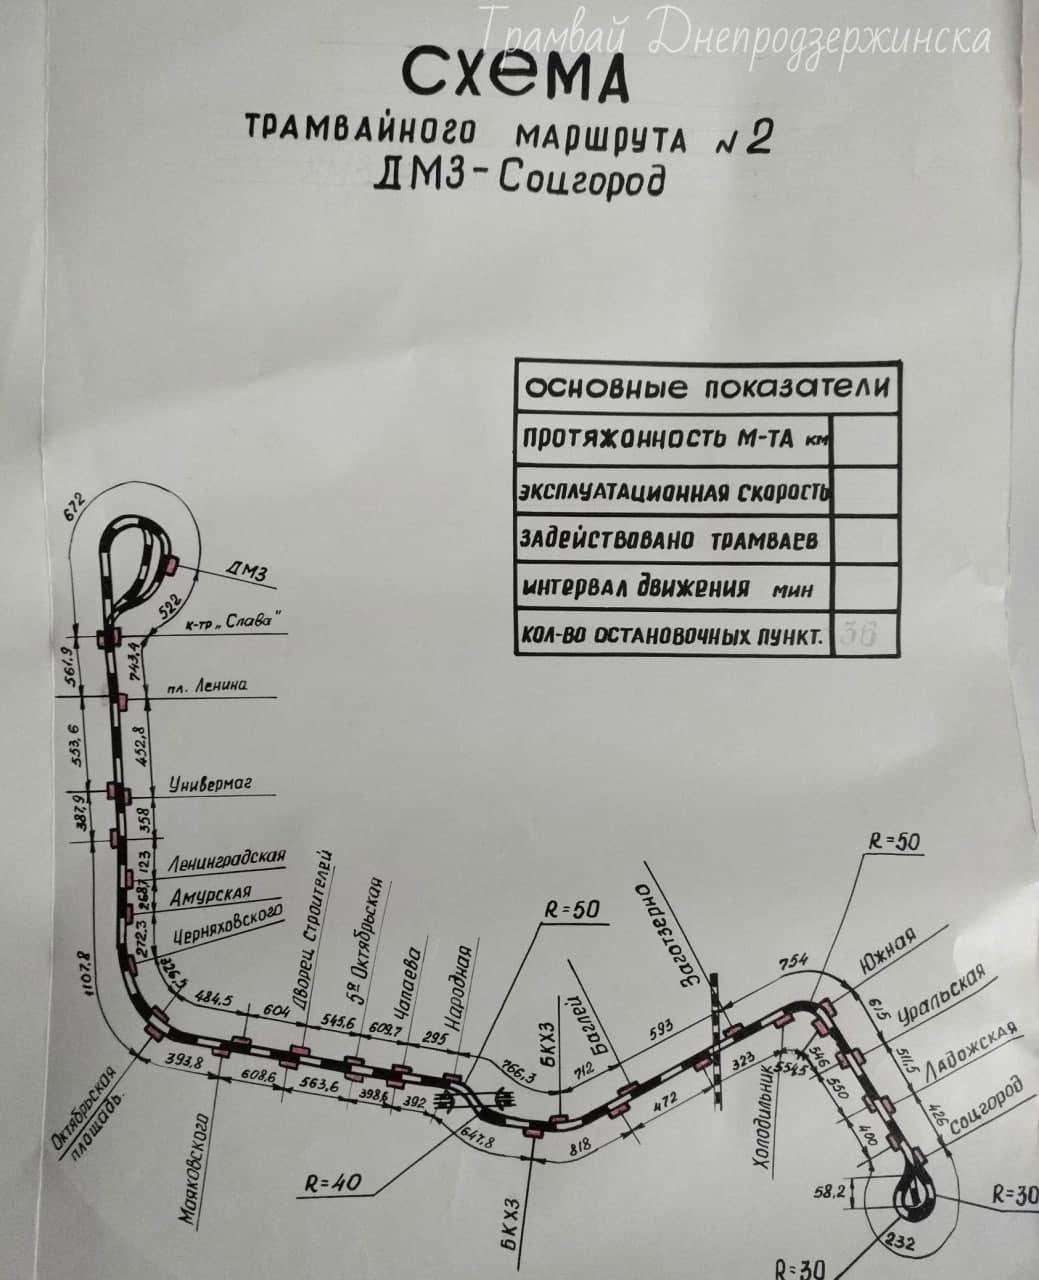 Трамвай Днепродзержинска